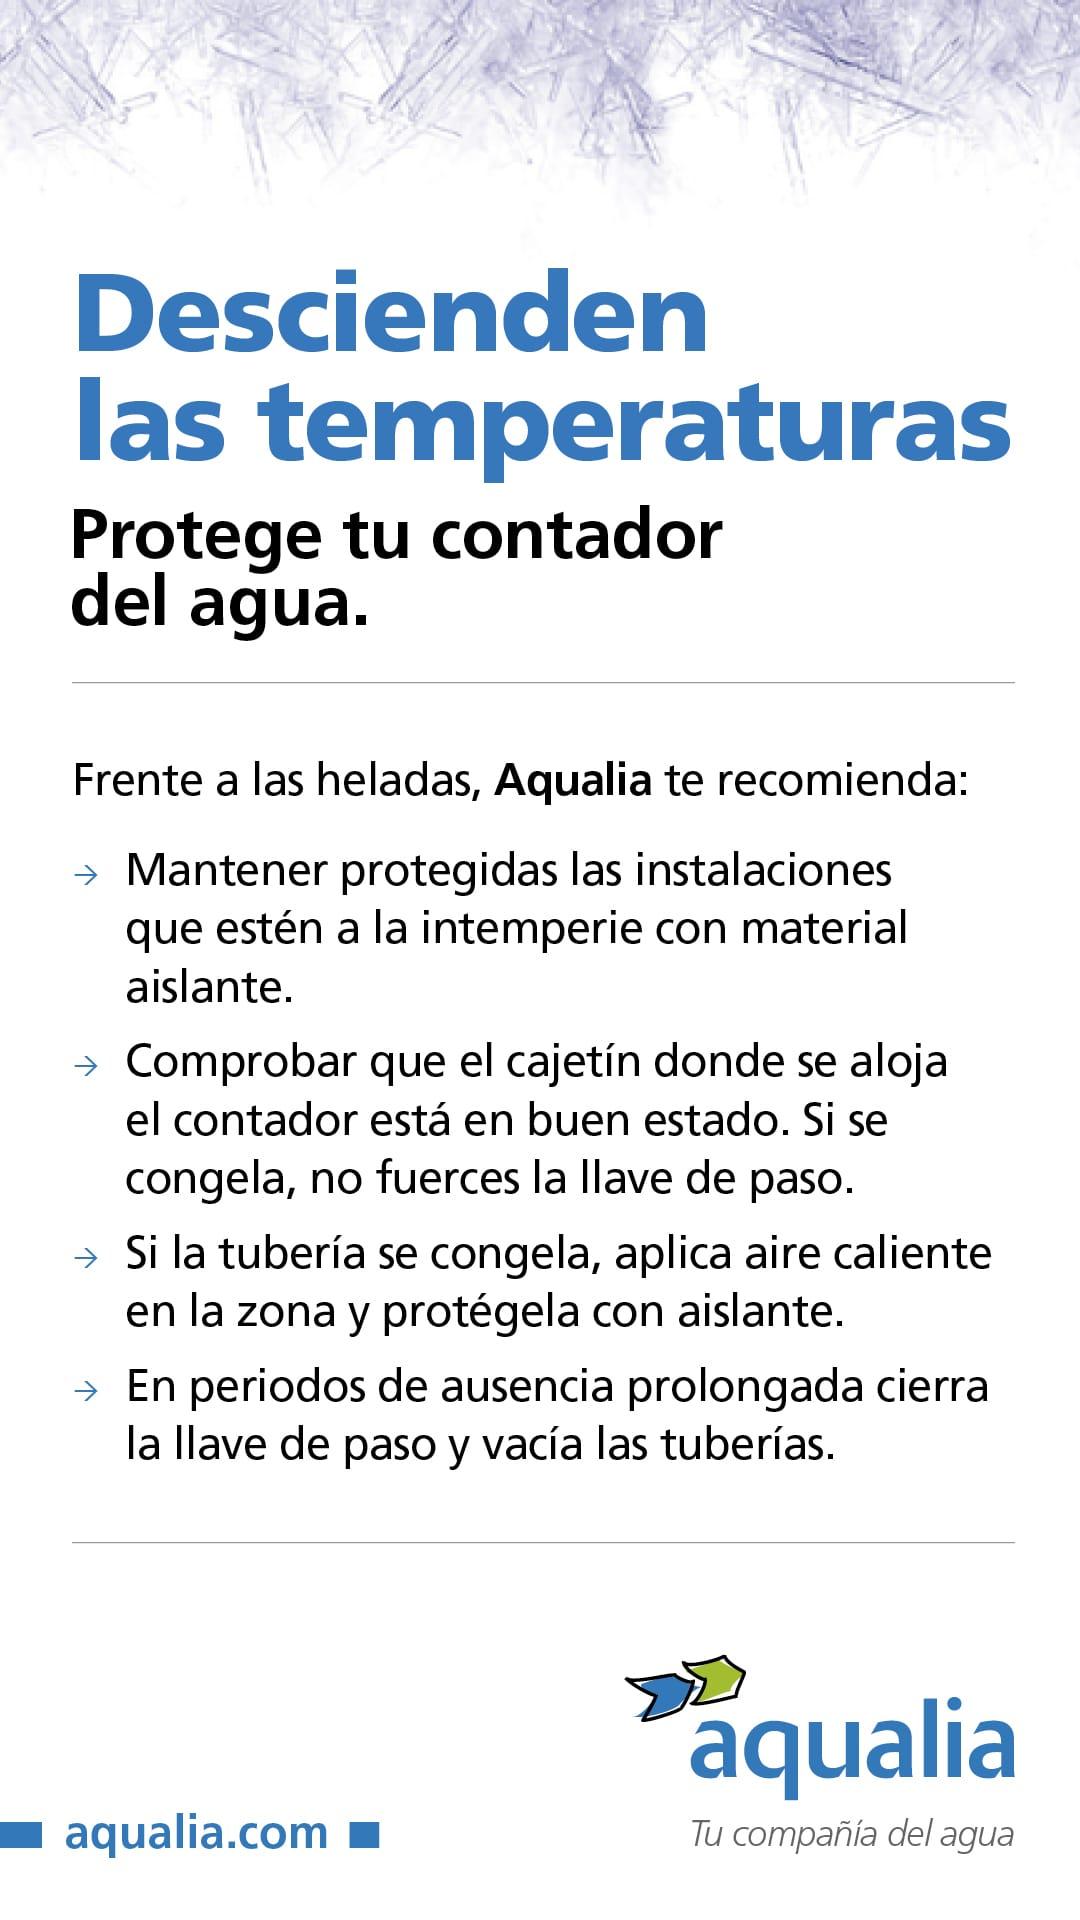 RECOMENDACIONES PARA PROTEGER TU CONTADOR DE AGUA ANTE LAS BAJAS TEMPERATURAS.